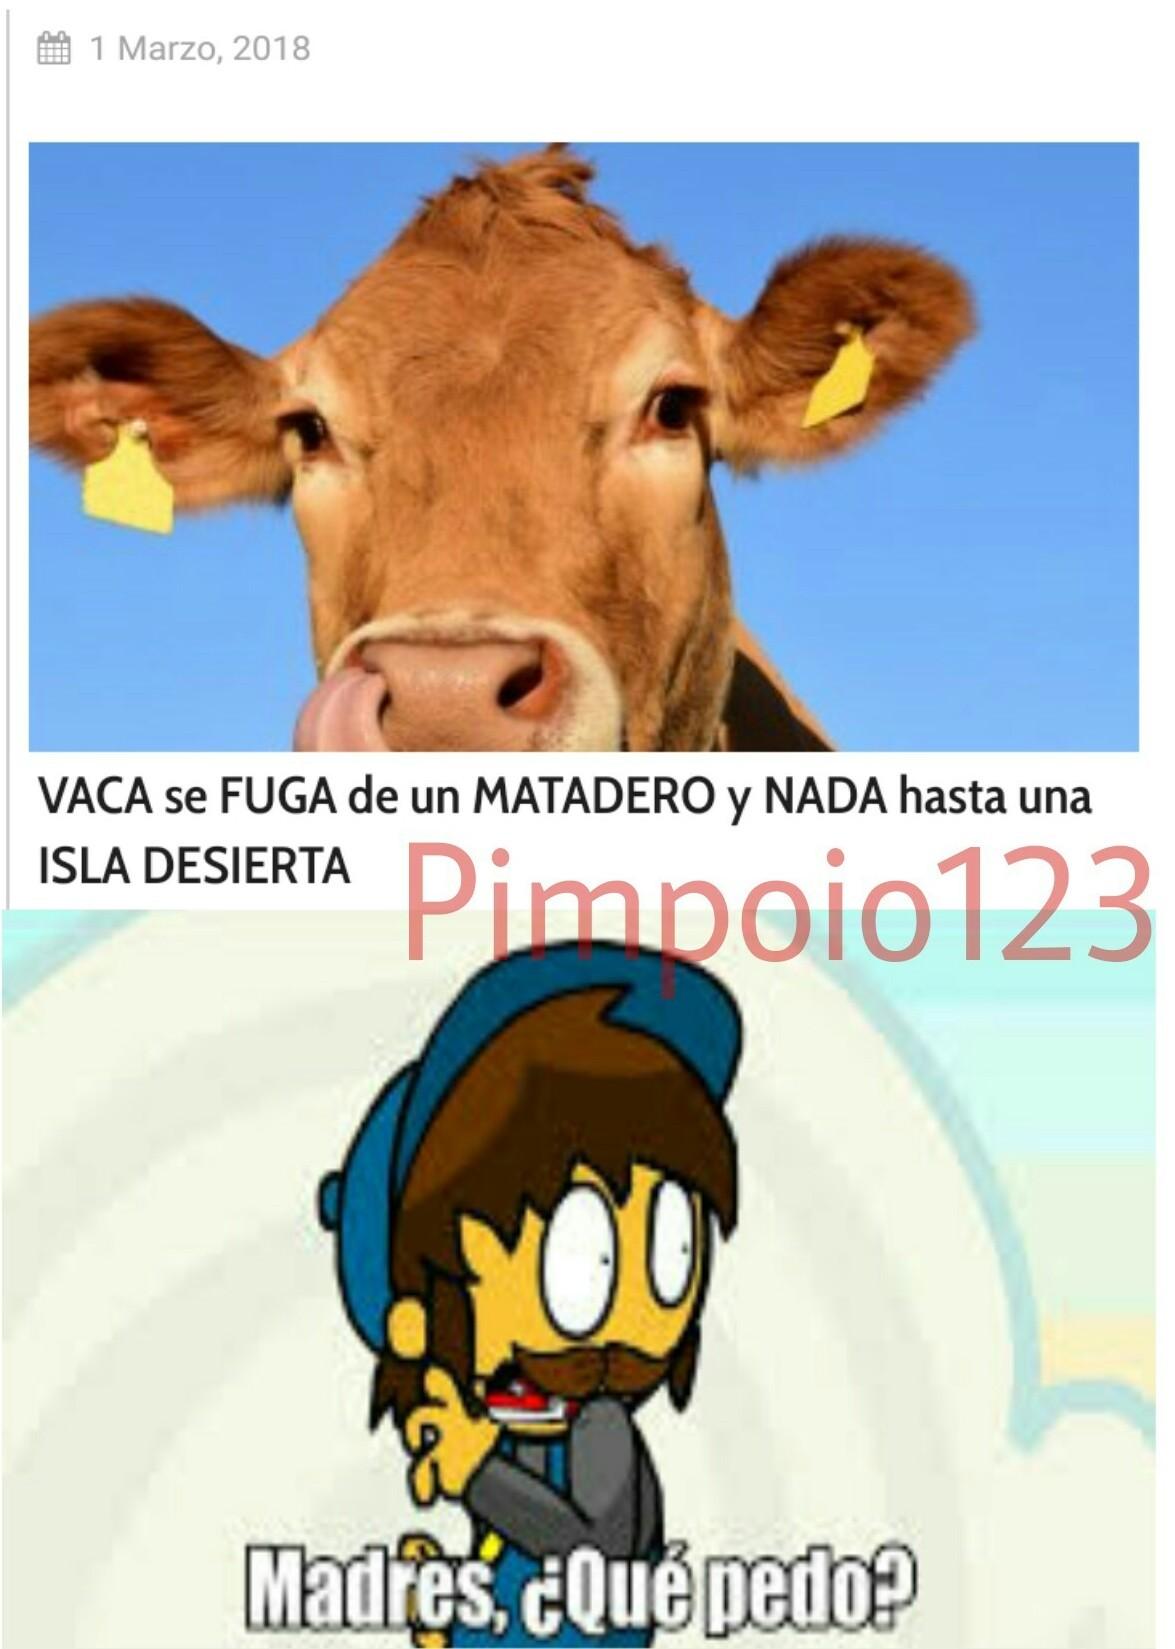 La vaca vergas - meme